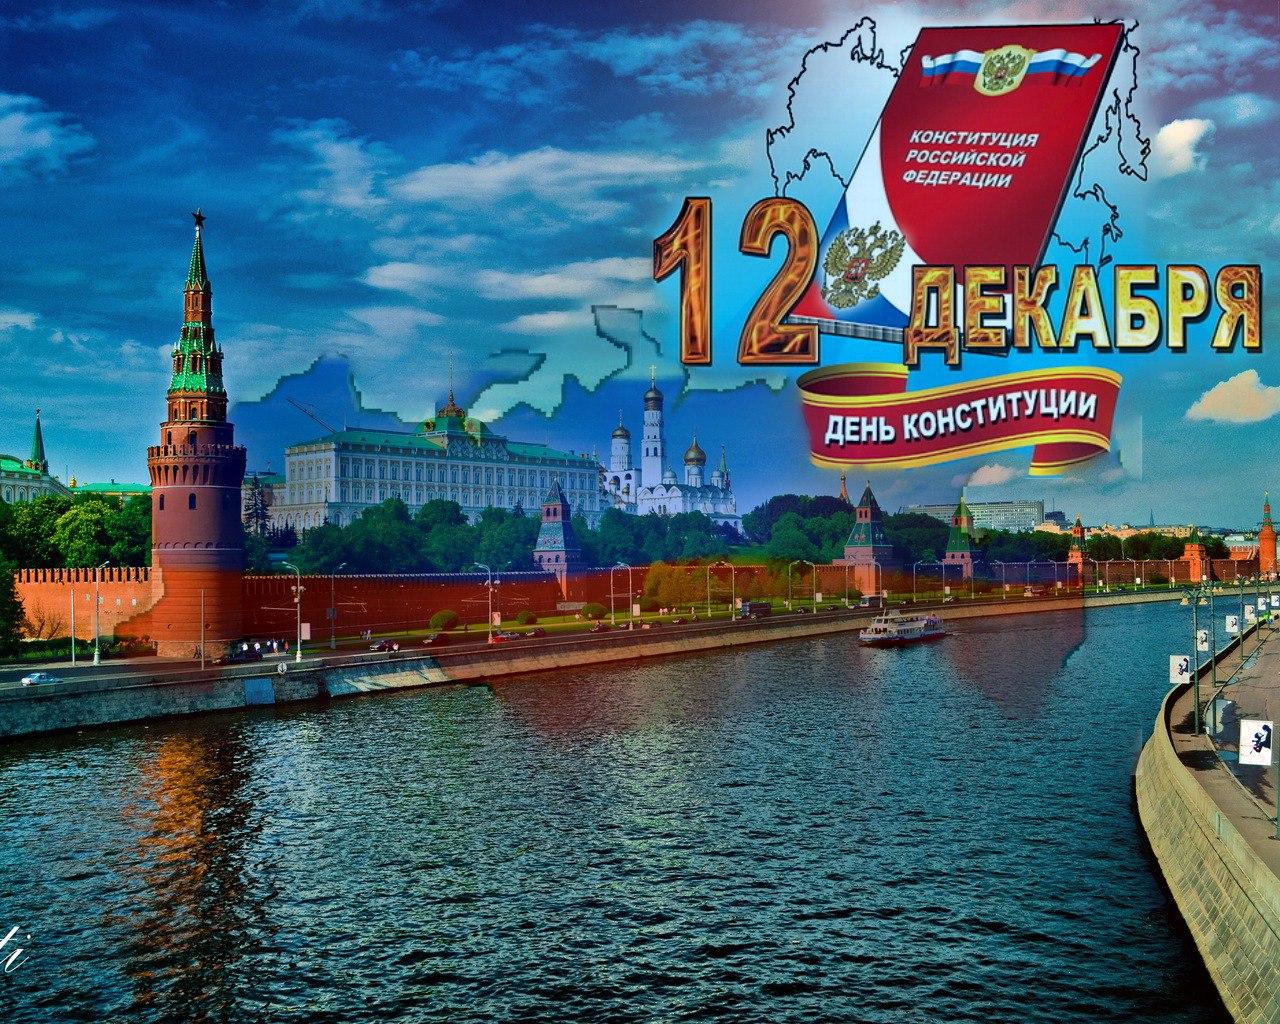 день конституции российской федерации картинки гифки кипения ввести